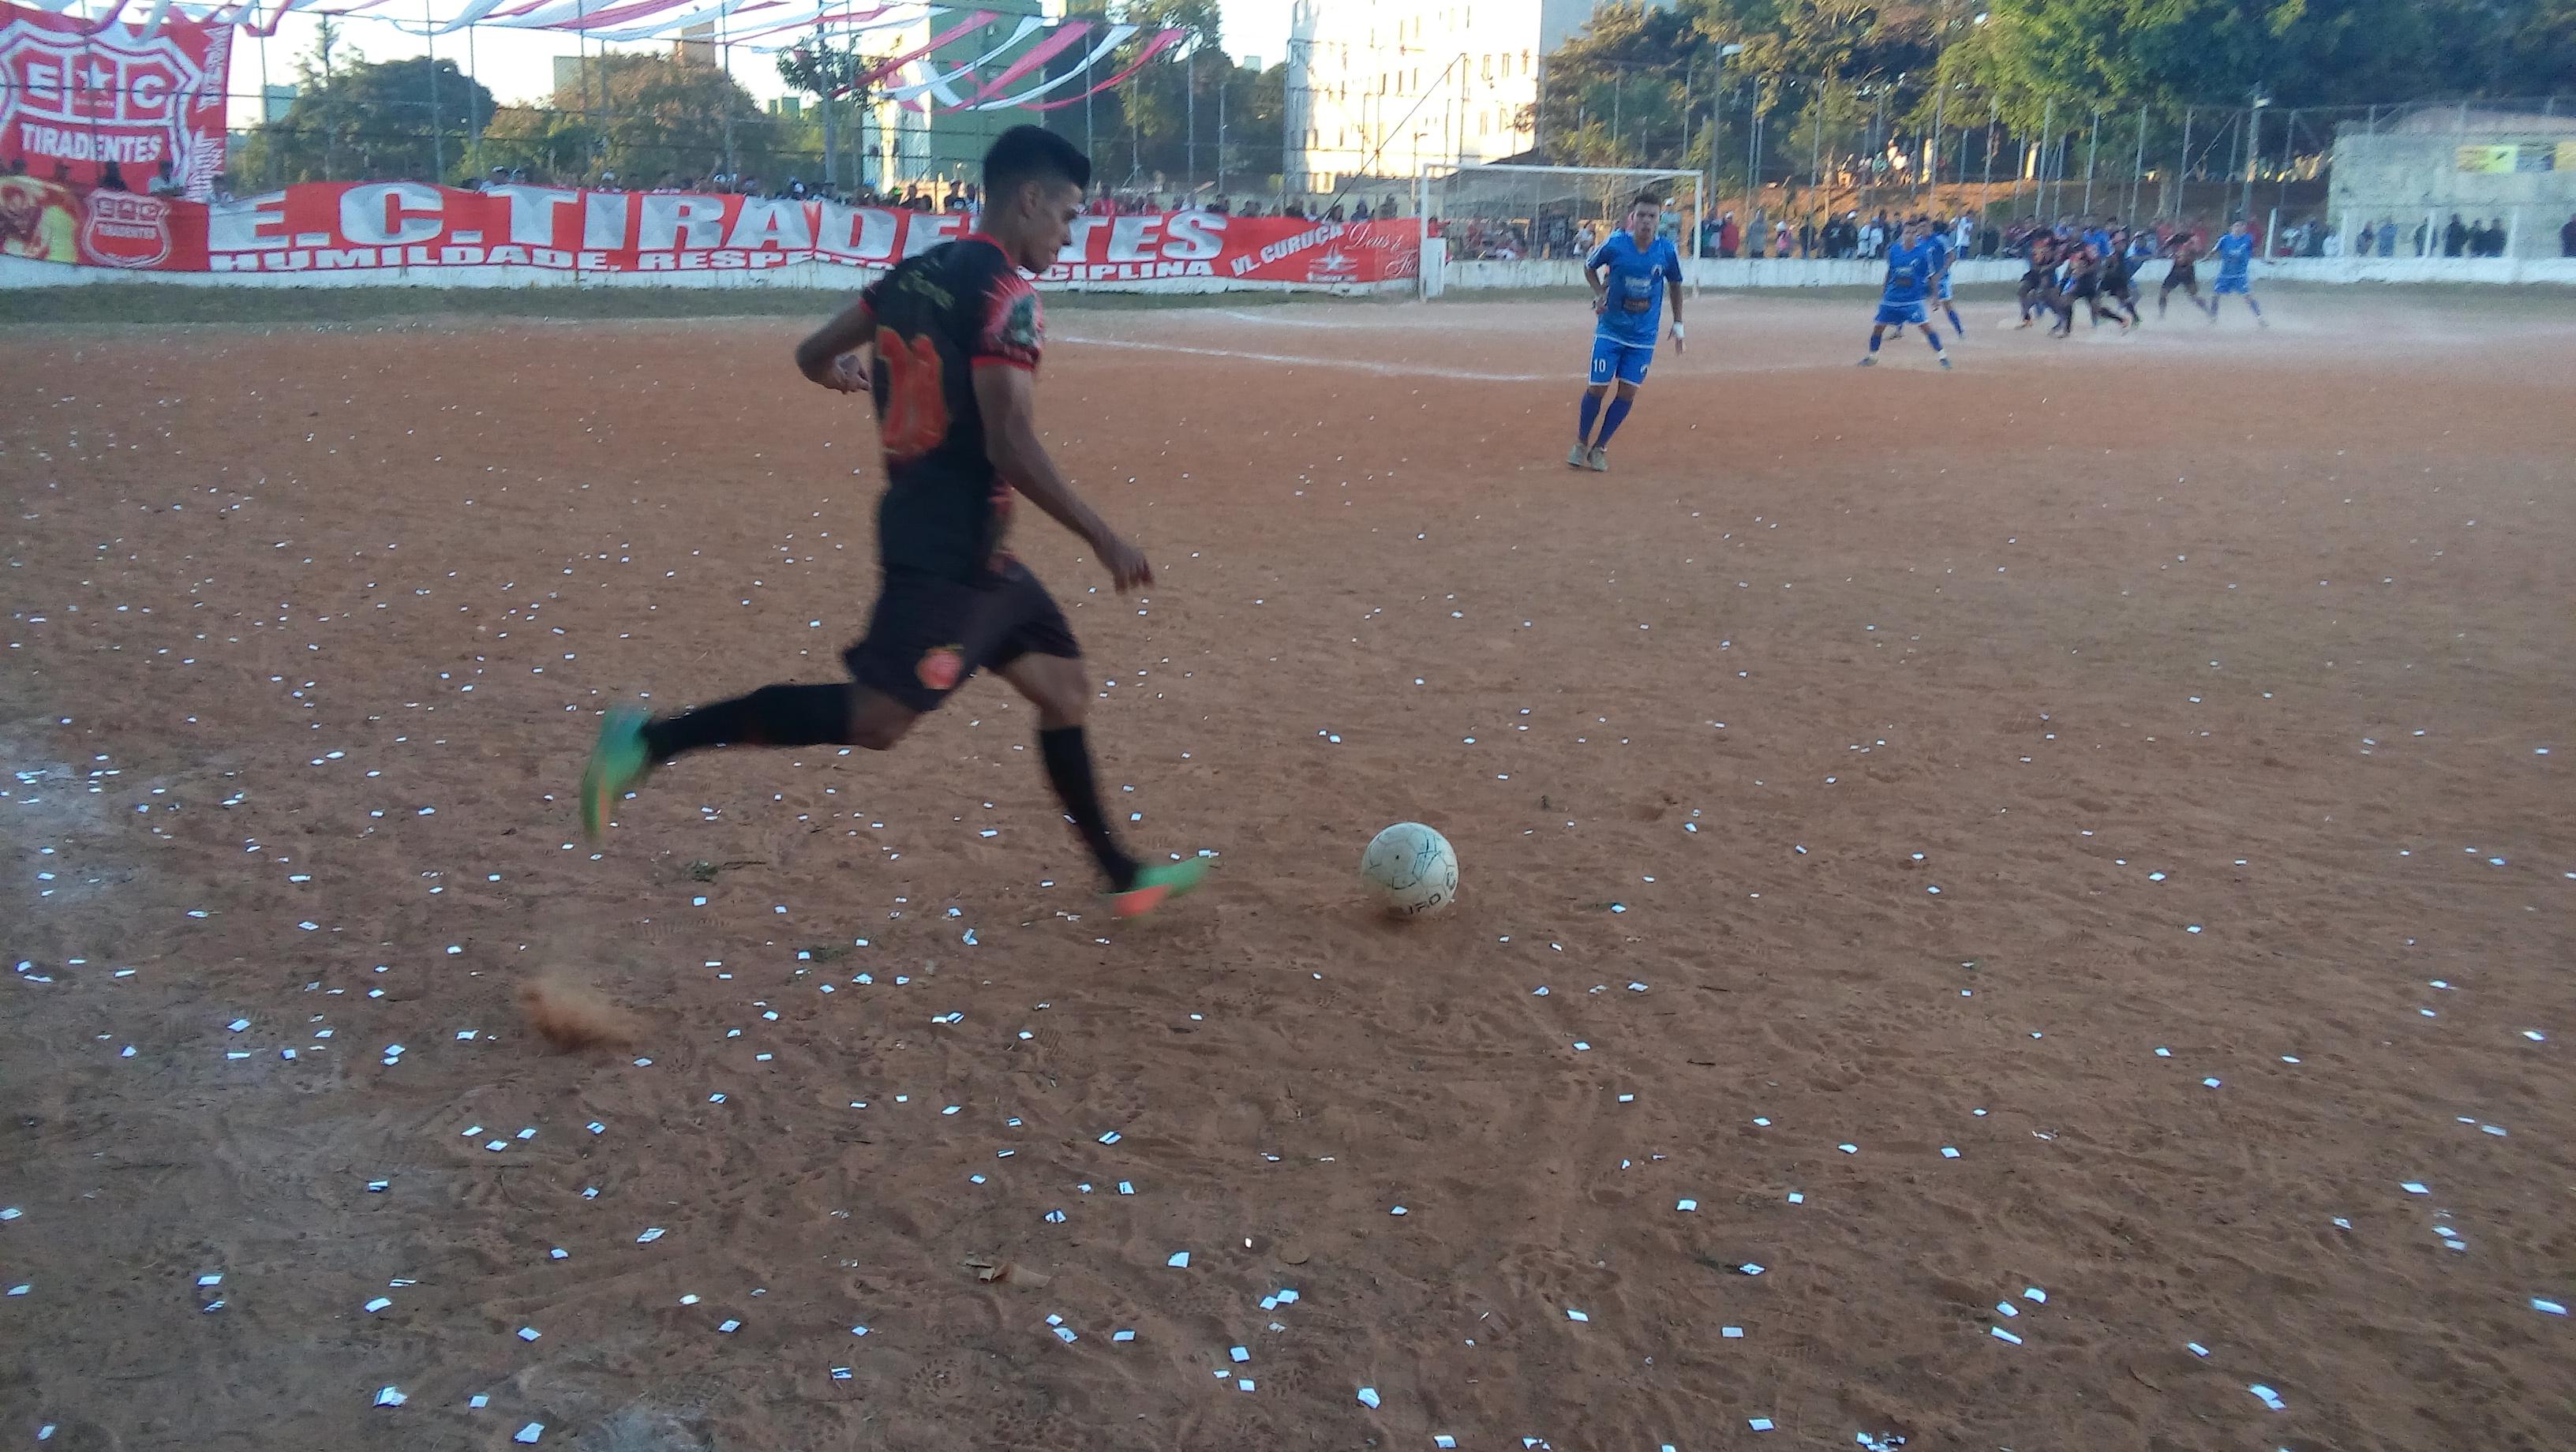 Santa Rita joga bem, vence Tirandentes e está na final da Copa Negritude